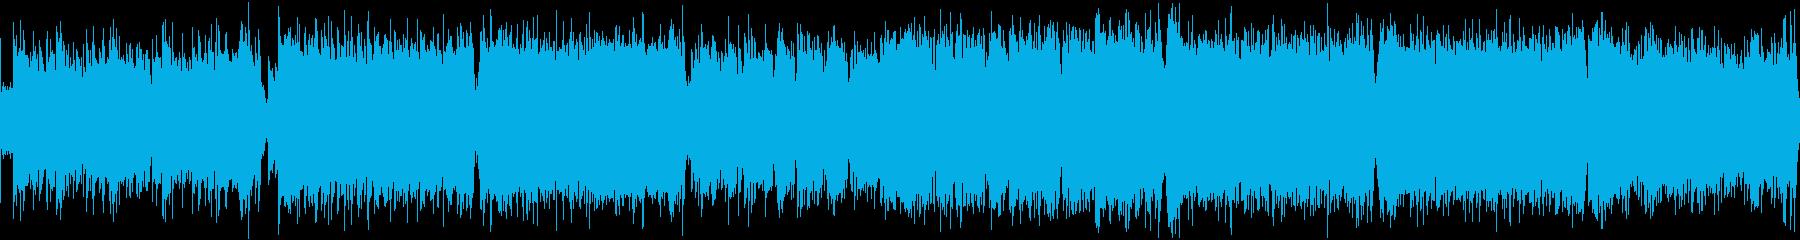 和風ハードロック戦闘曲・ループの再生済みの波形